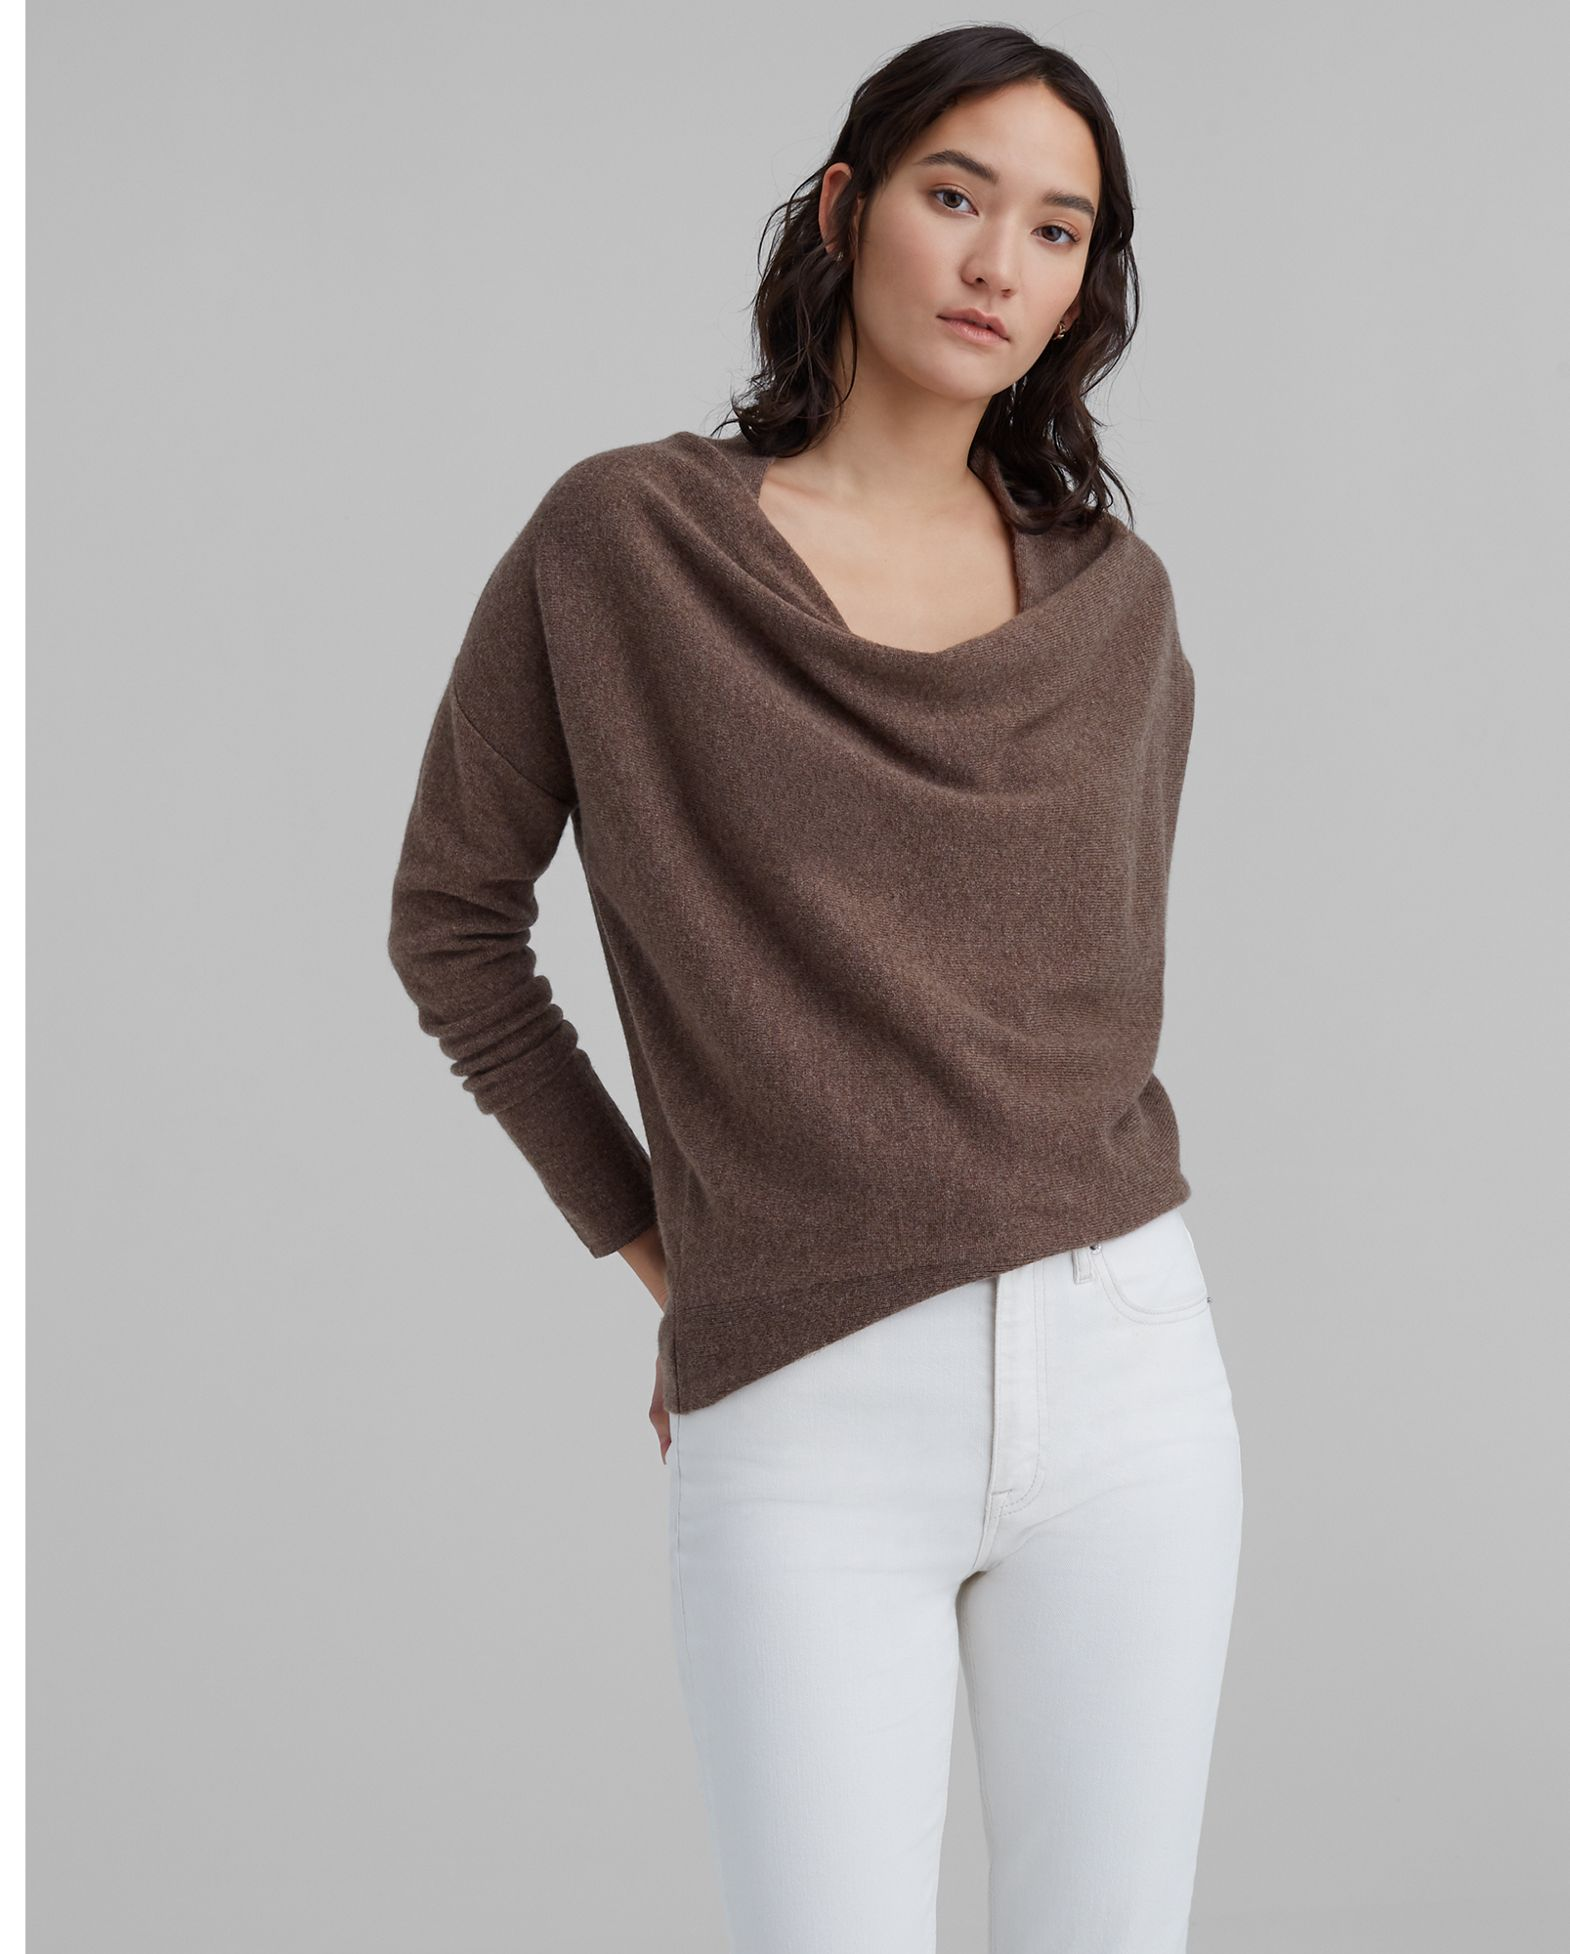 CLUB MONACO Cowl Neck Cashmere Sweater